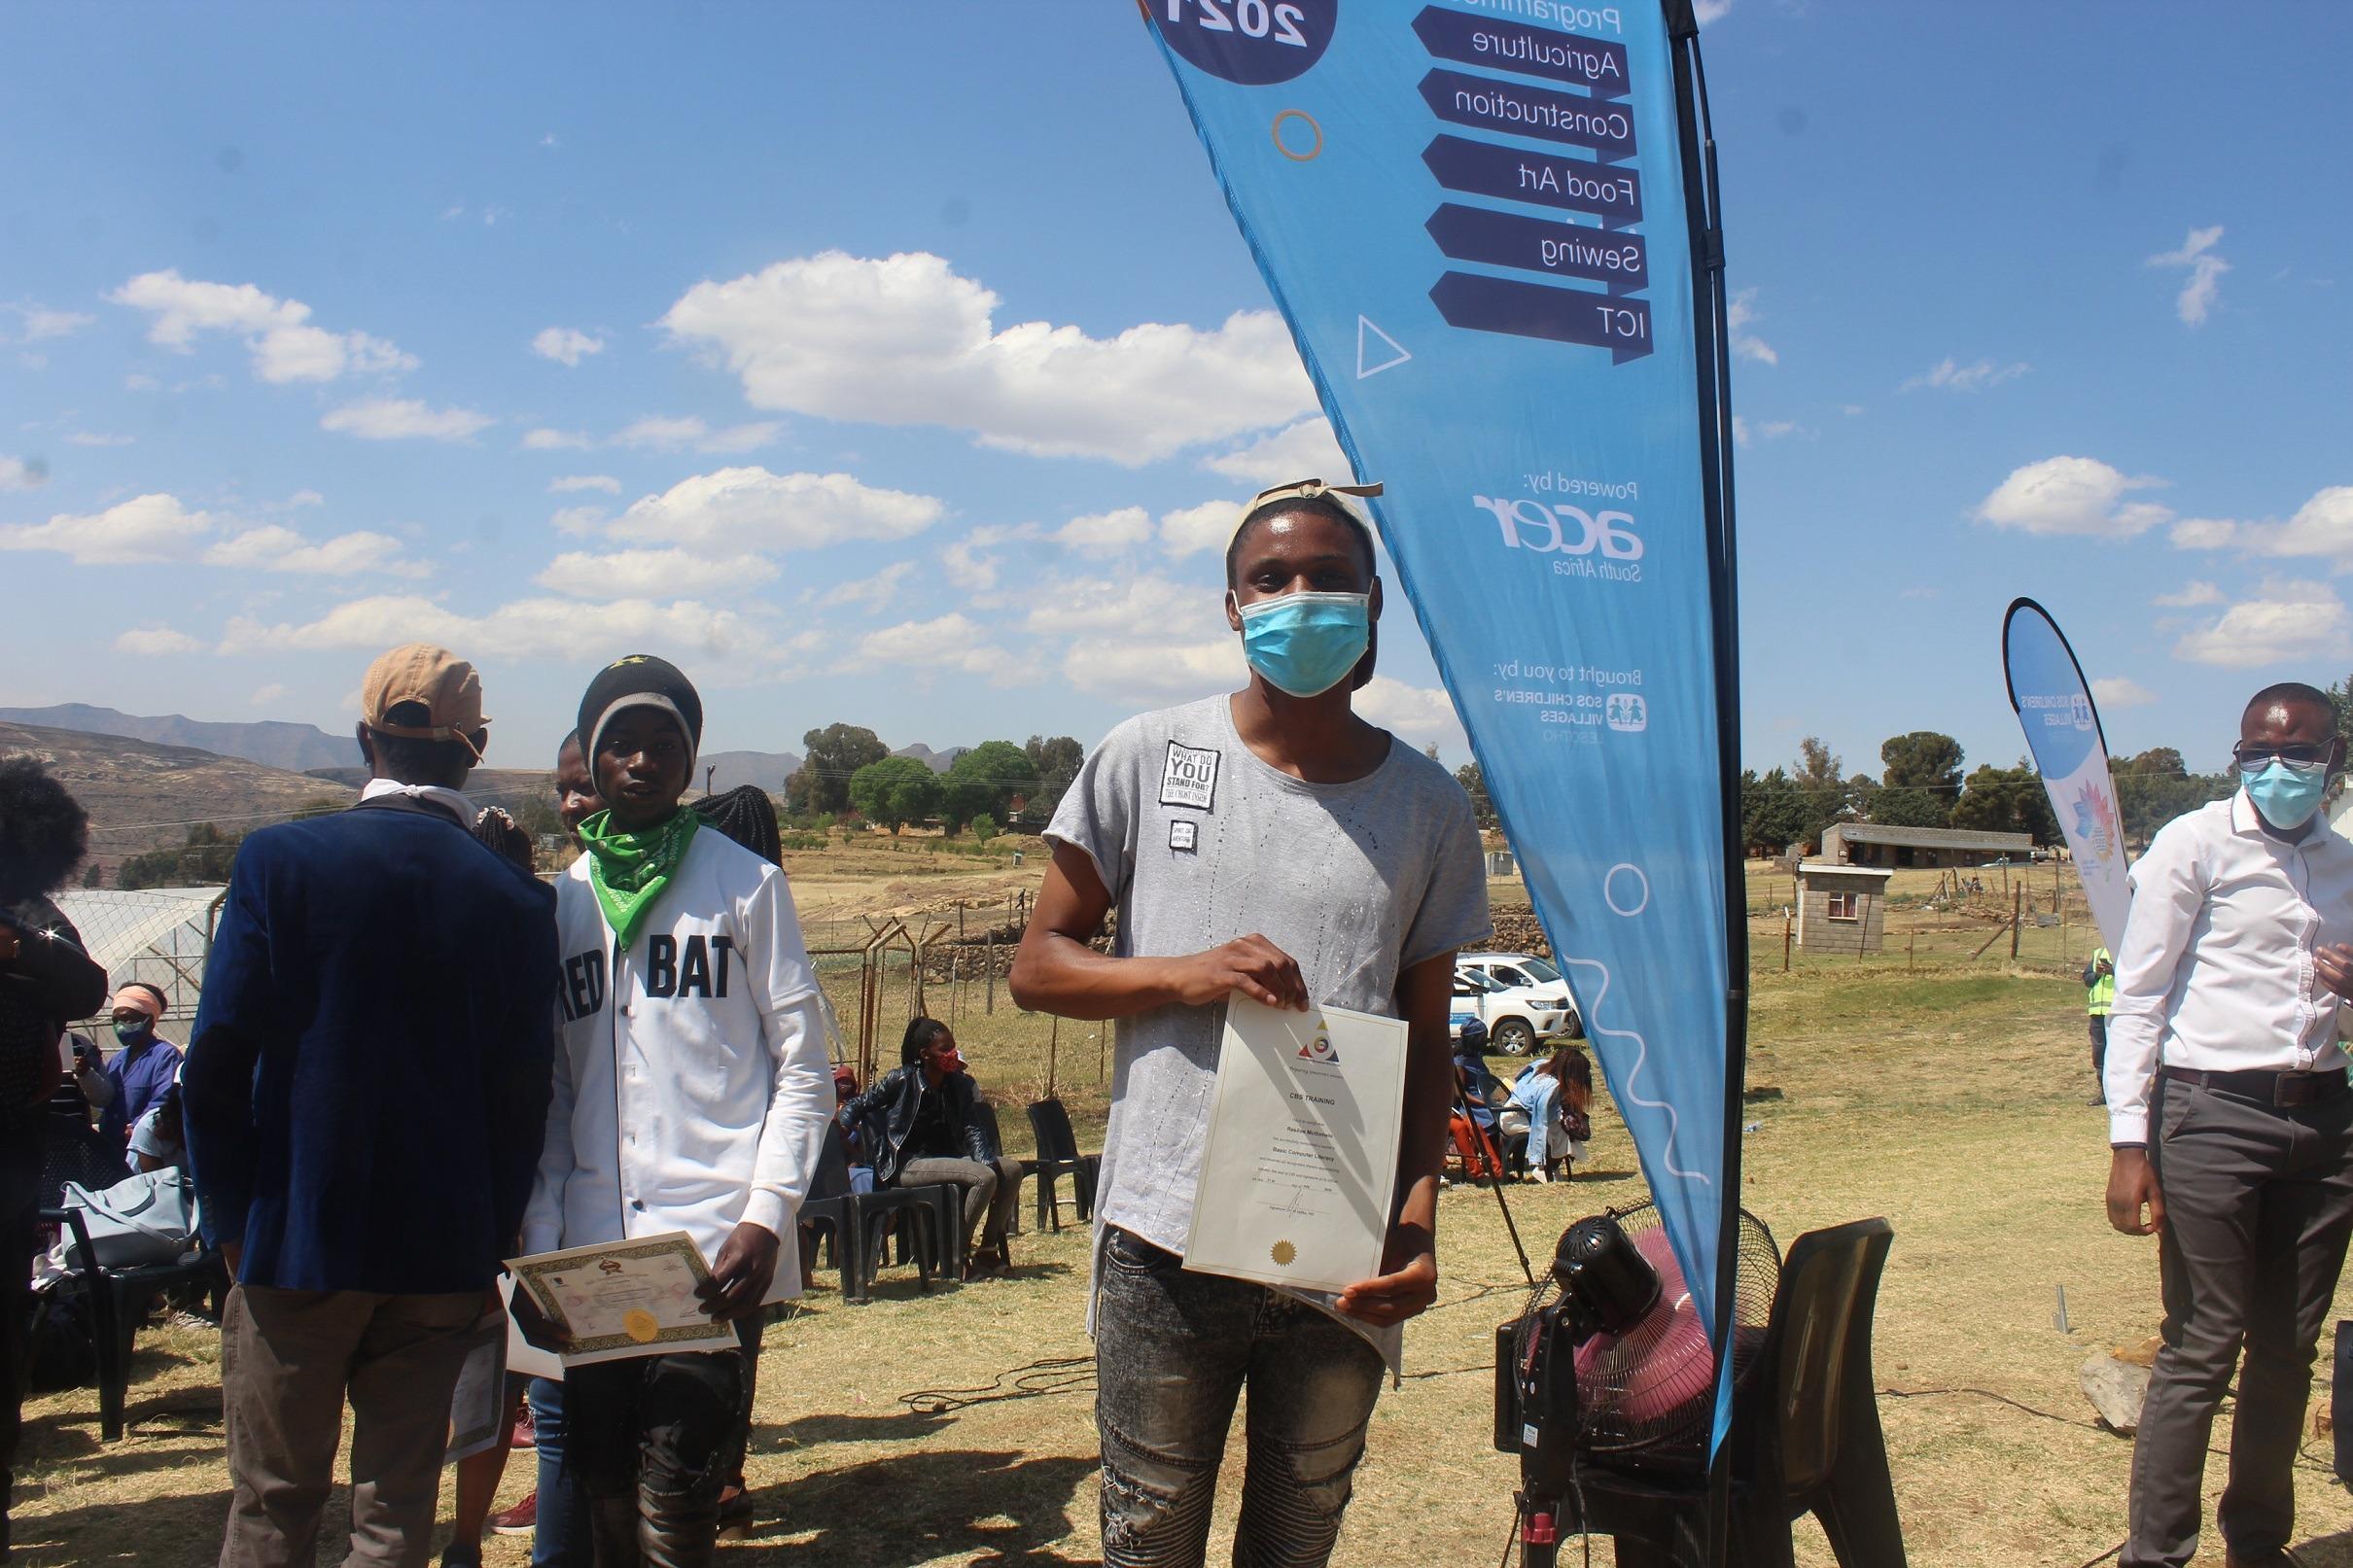 Khosi del Lesotho mostra con orgoglio la sua laurea.